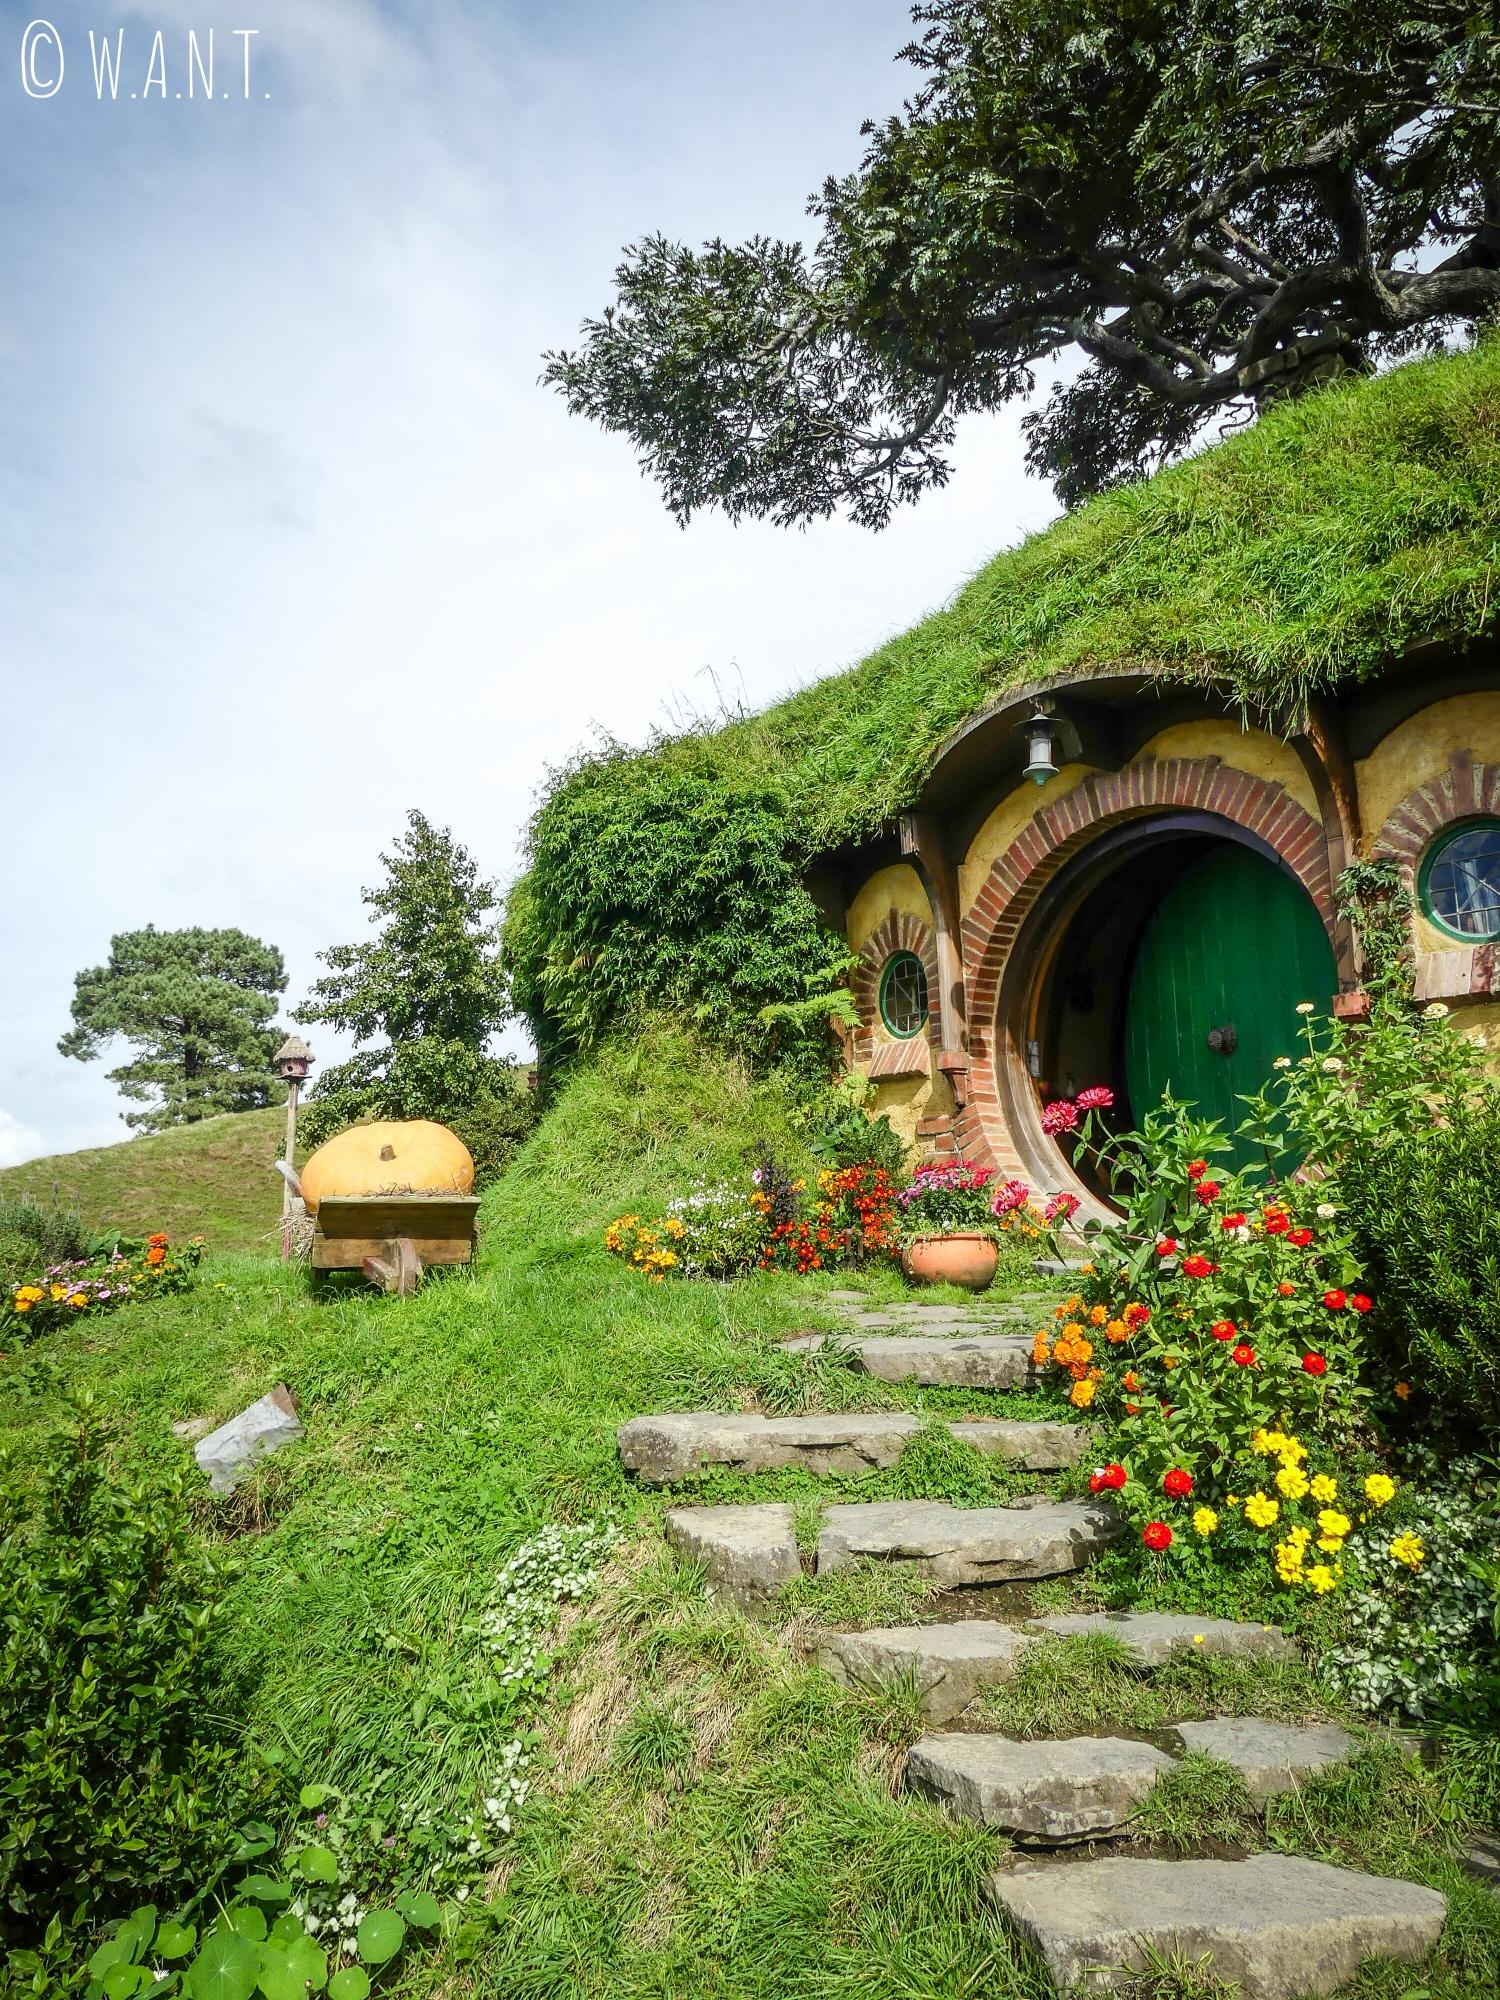 Maison de Bilbo le Hobbit sur le site de Hobbiton en Nouvelle-Zélande